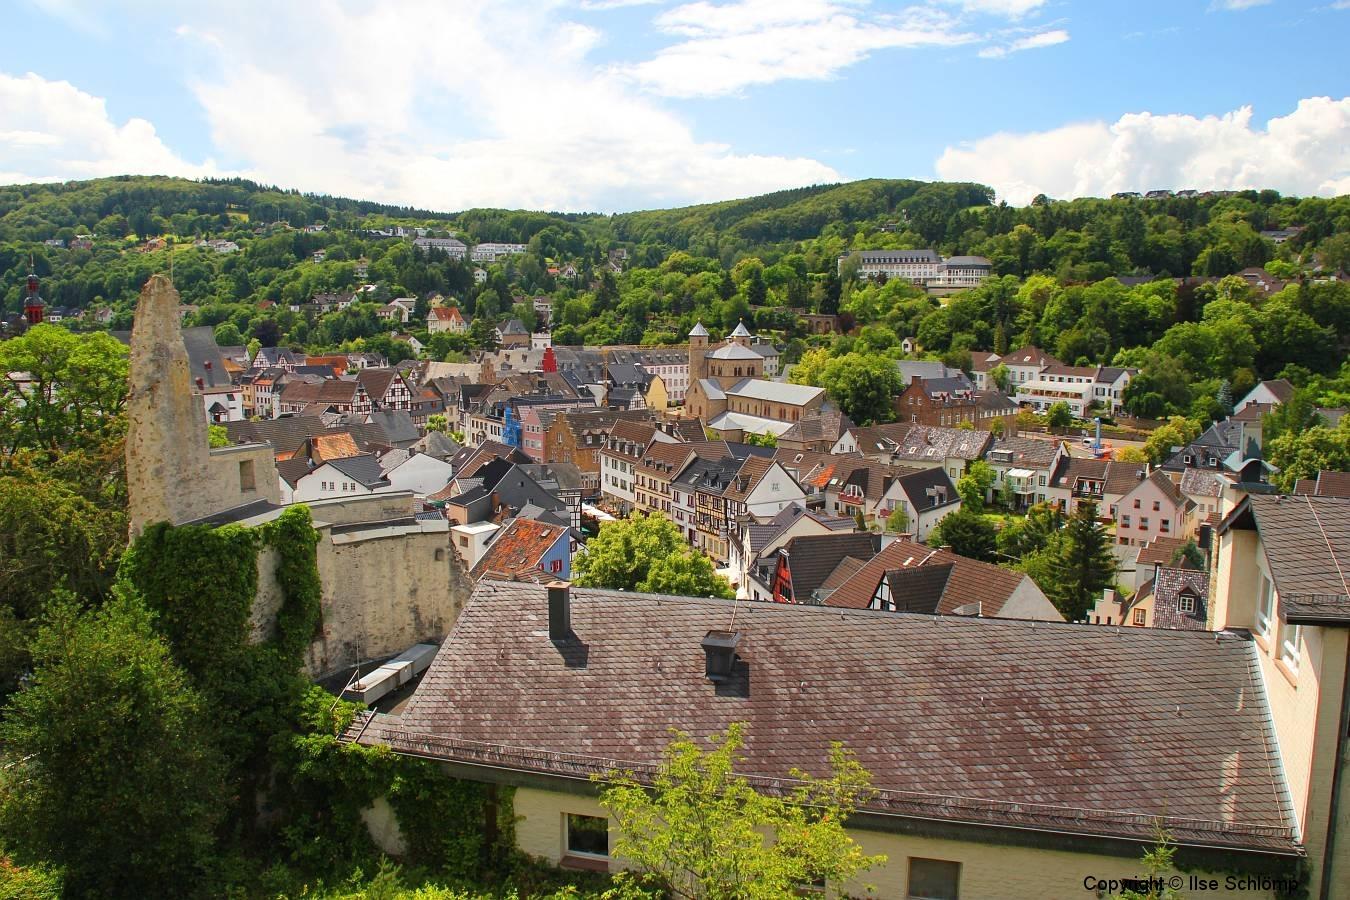 Blick von der Burg Münstereifel auf Bad Münstereifel, Nordrhein-Westfalen